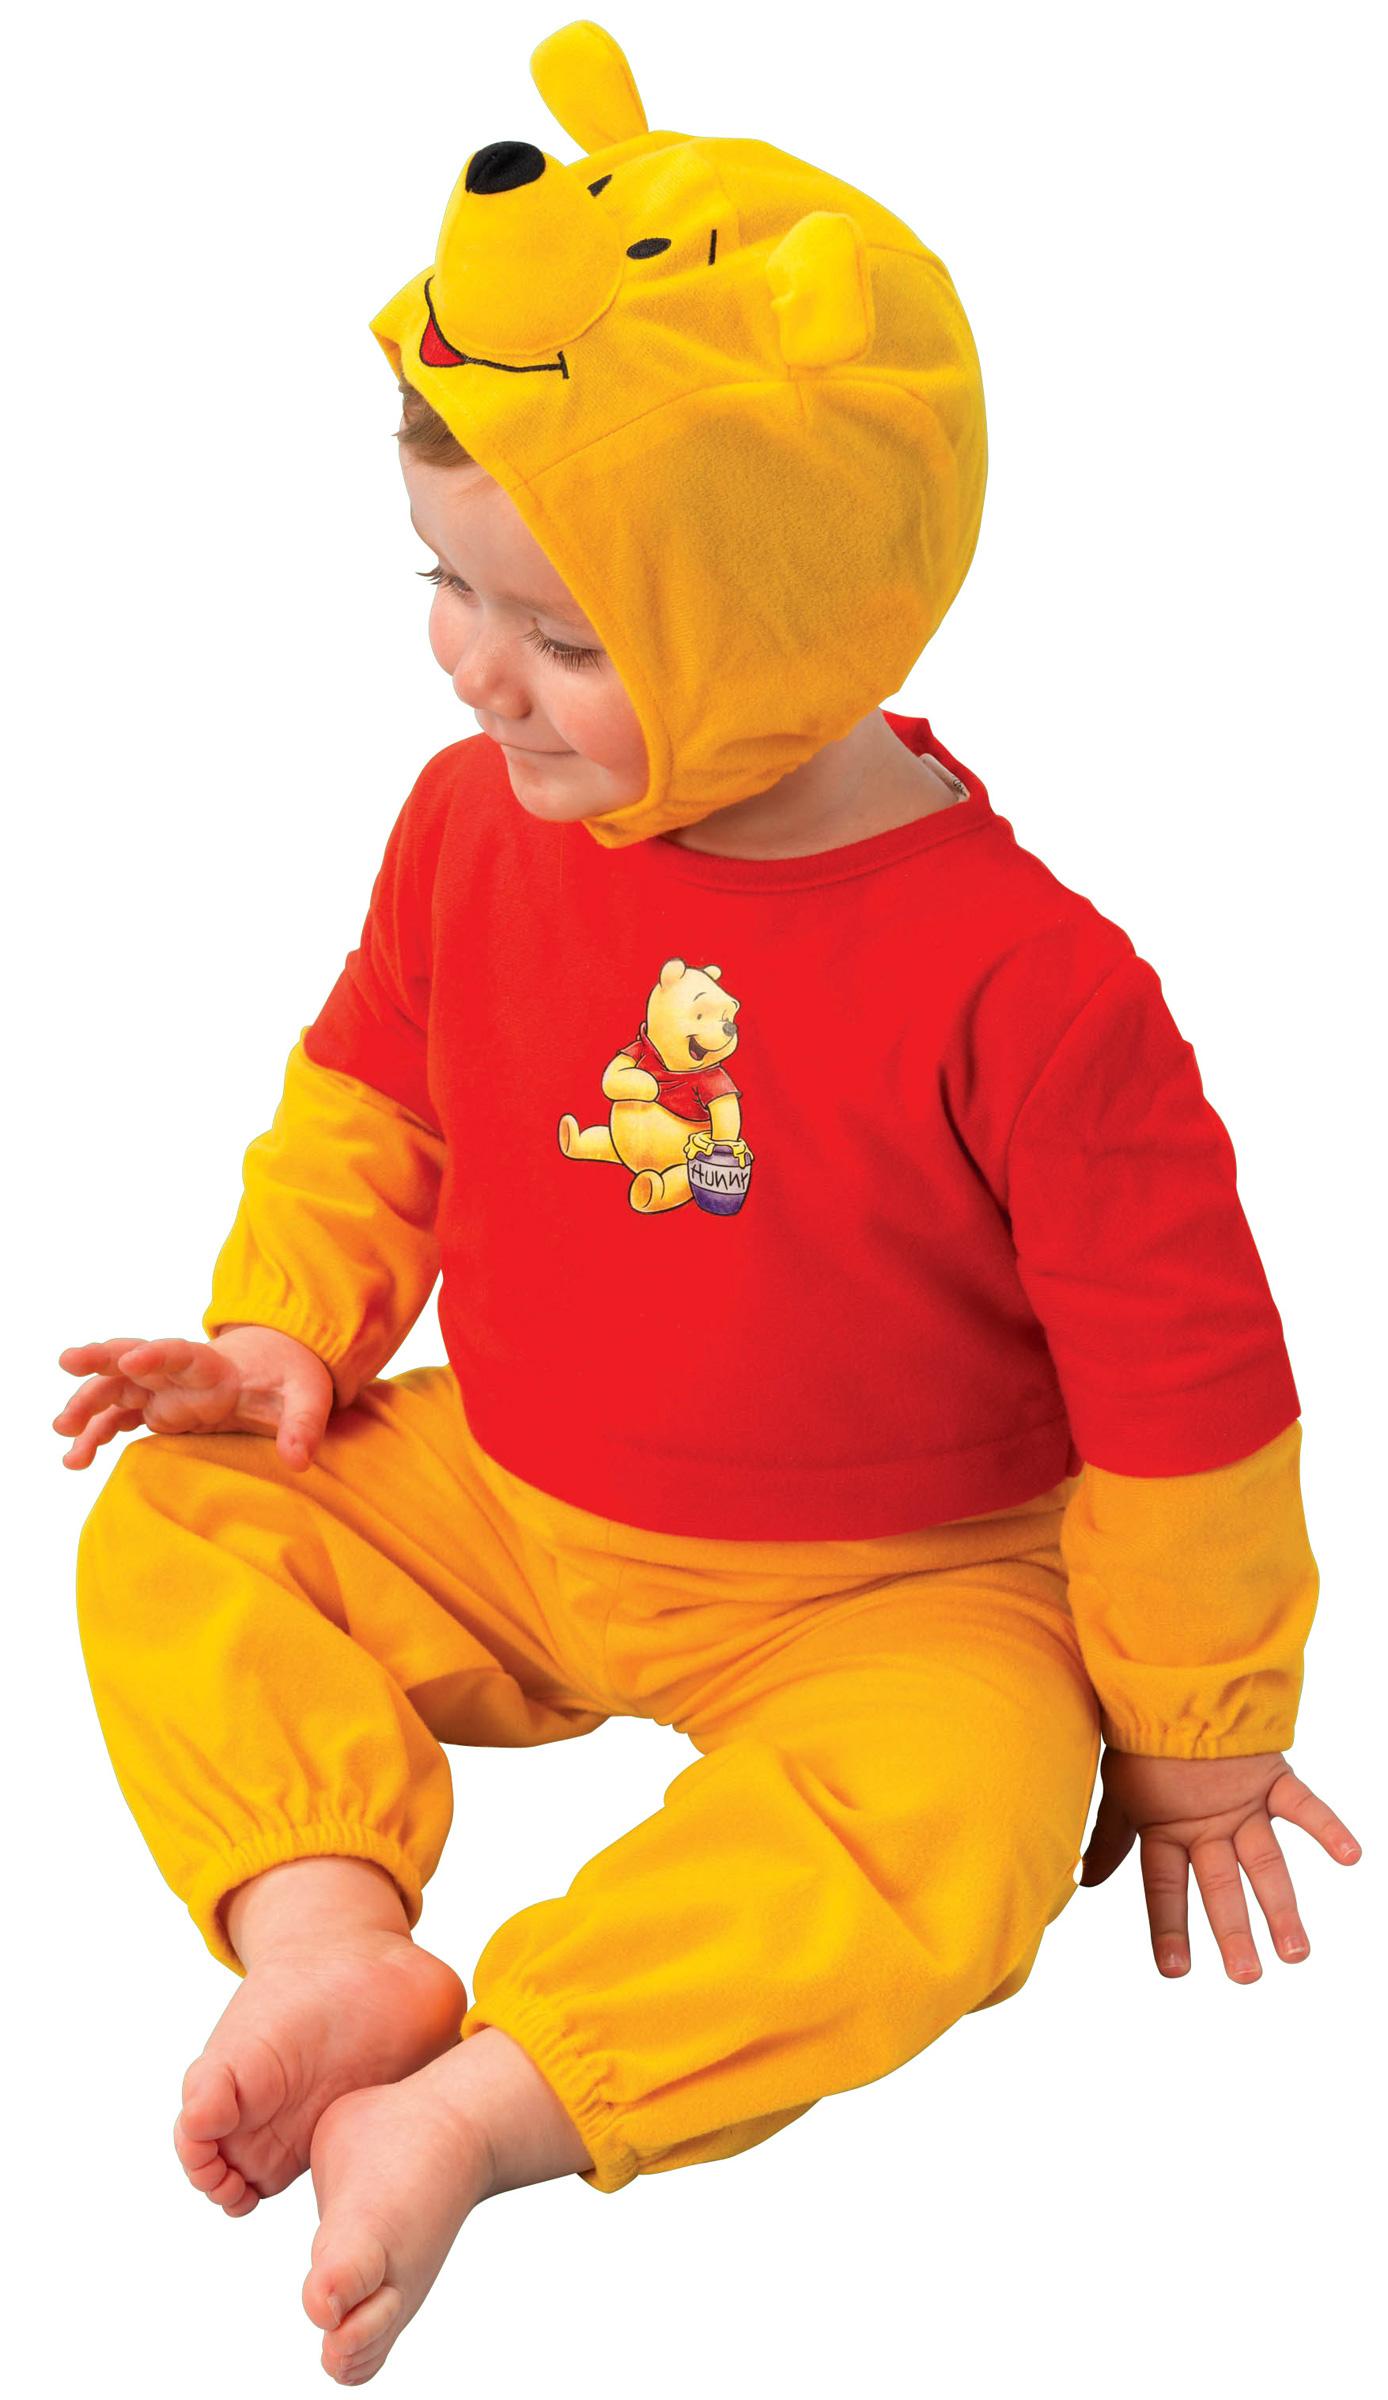 d guisement winnie l 39 ourson b b costume disney pas cher pour enfant. Black Bedroom Furniture Sets. Home Design Ideas